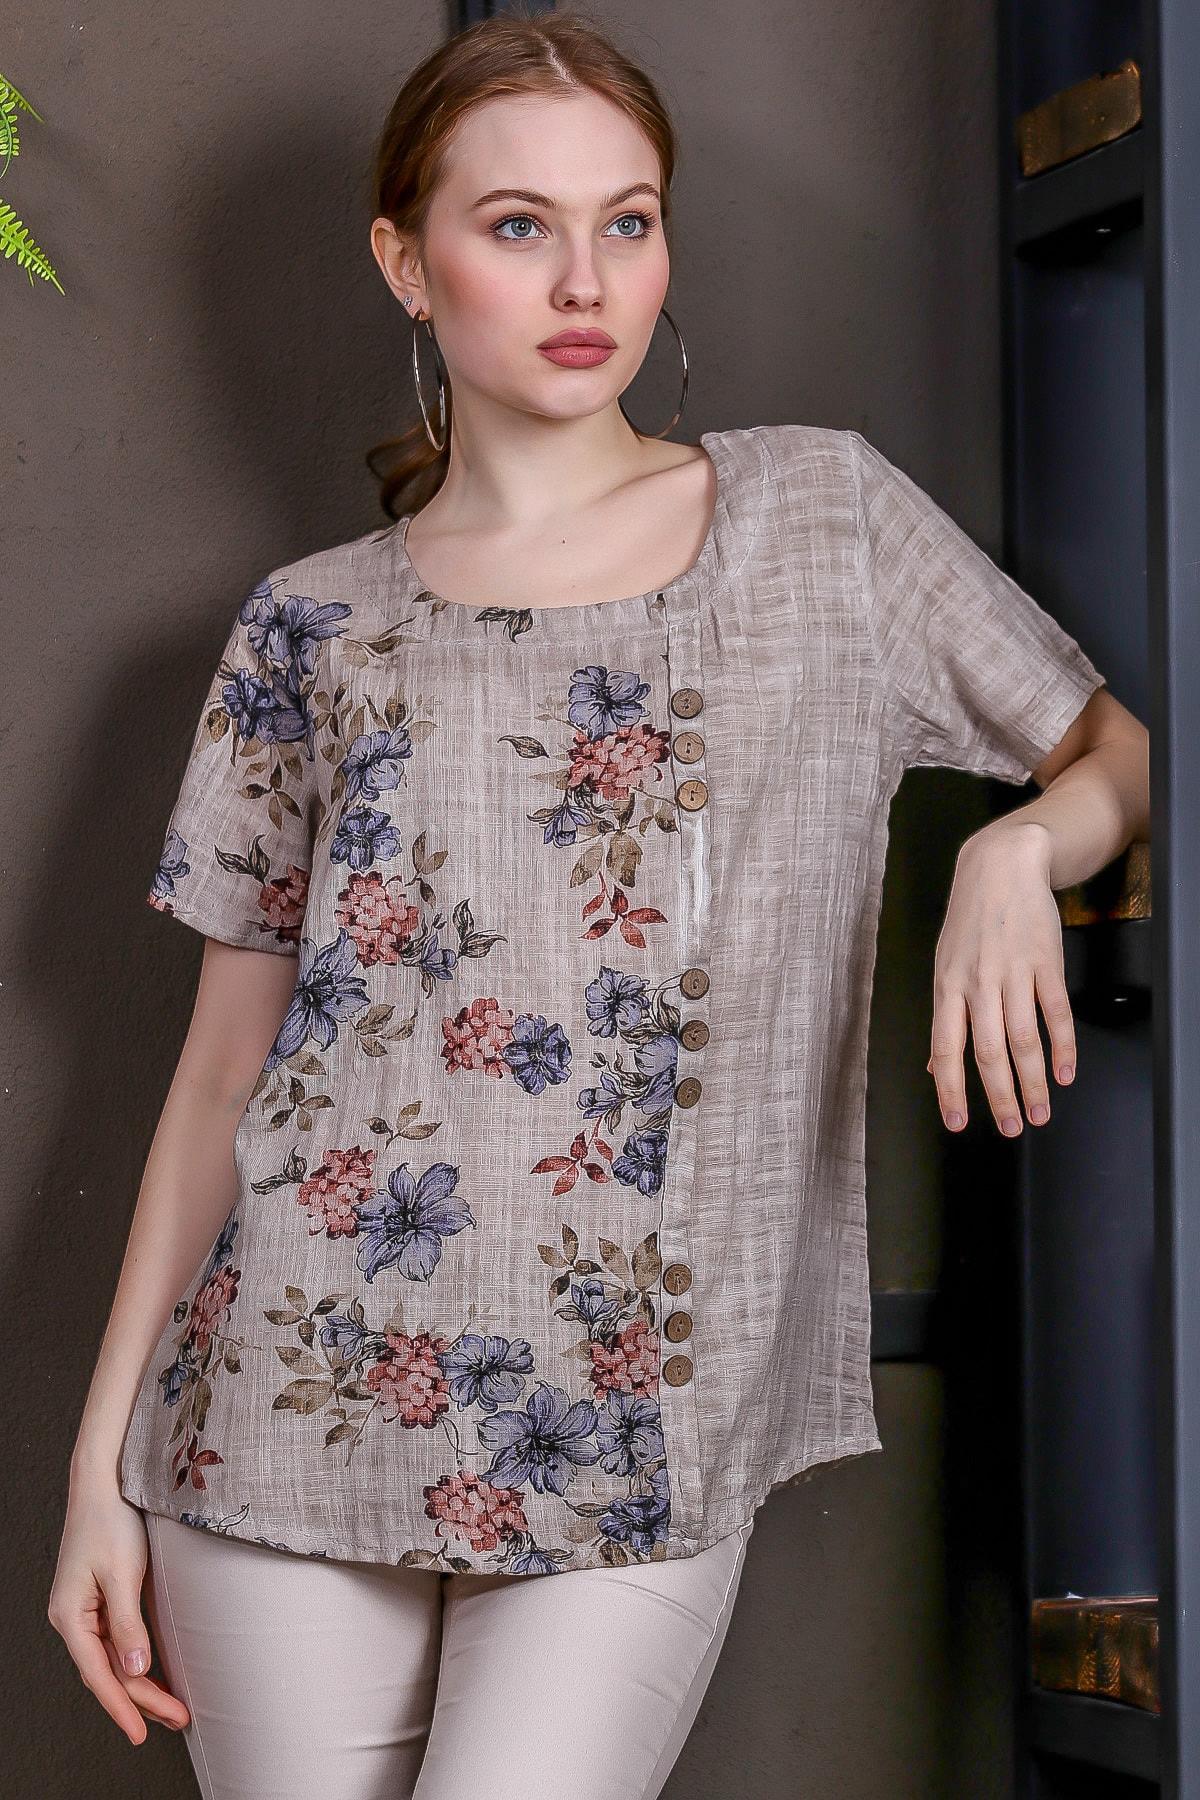 Chiccy Kadın Bej-Rose U Yaka Çiçek Bloklu Süs Düğme Detaylı Kısa Kollu Bluz M10010200BL95492 2